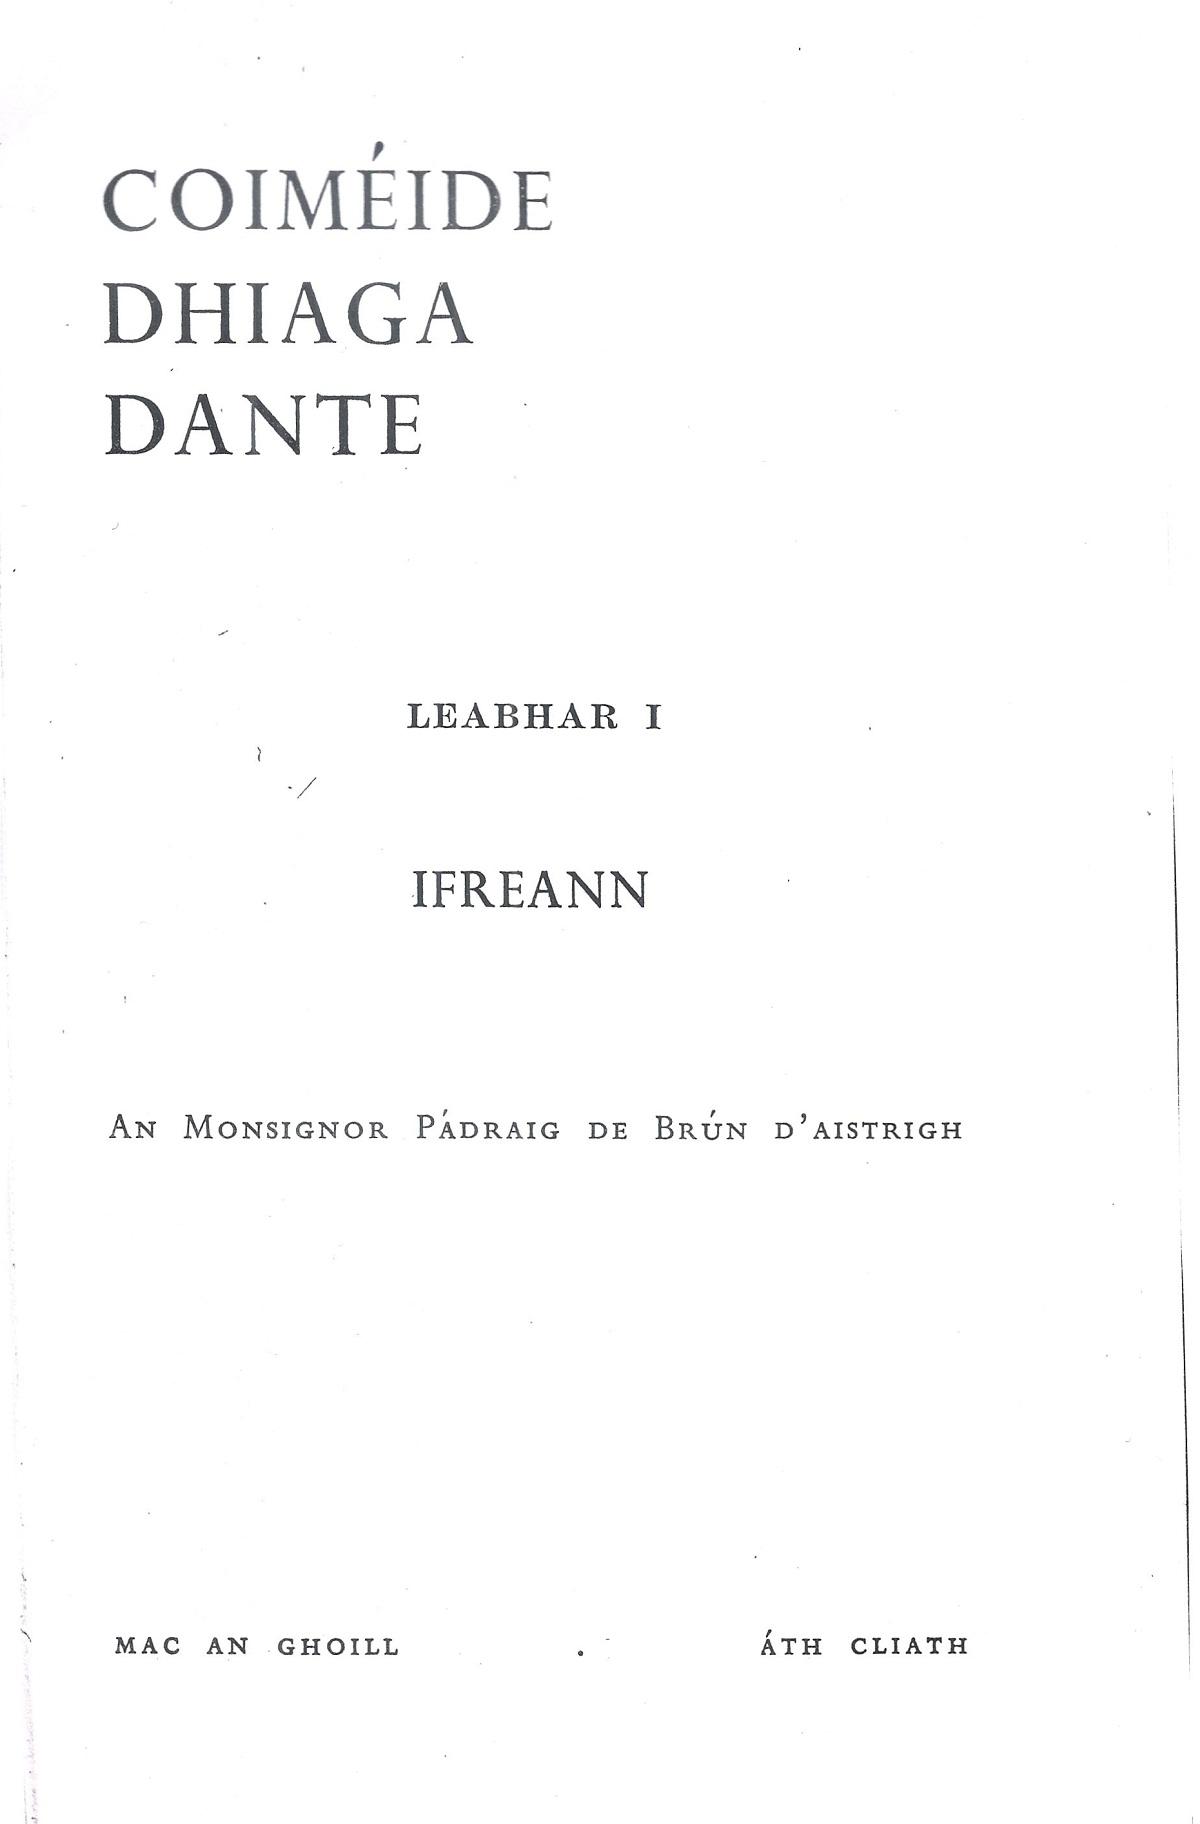 De Brún – 1963